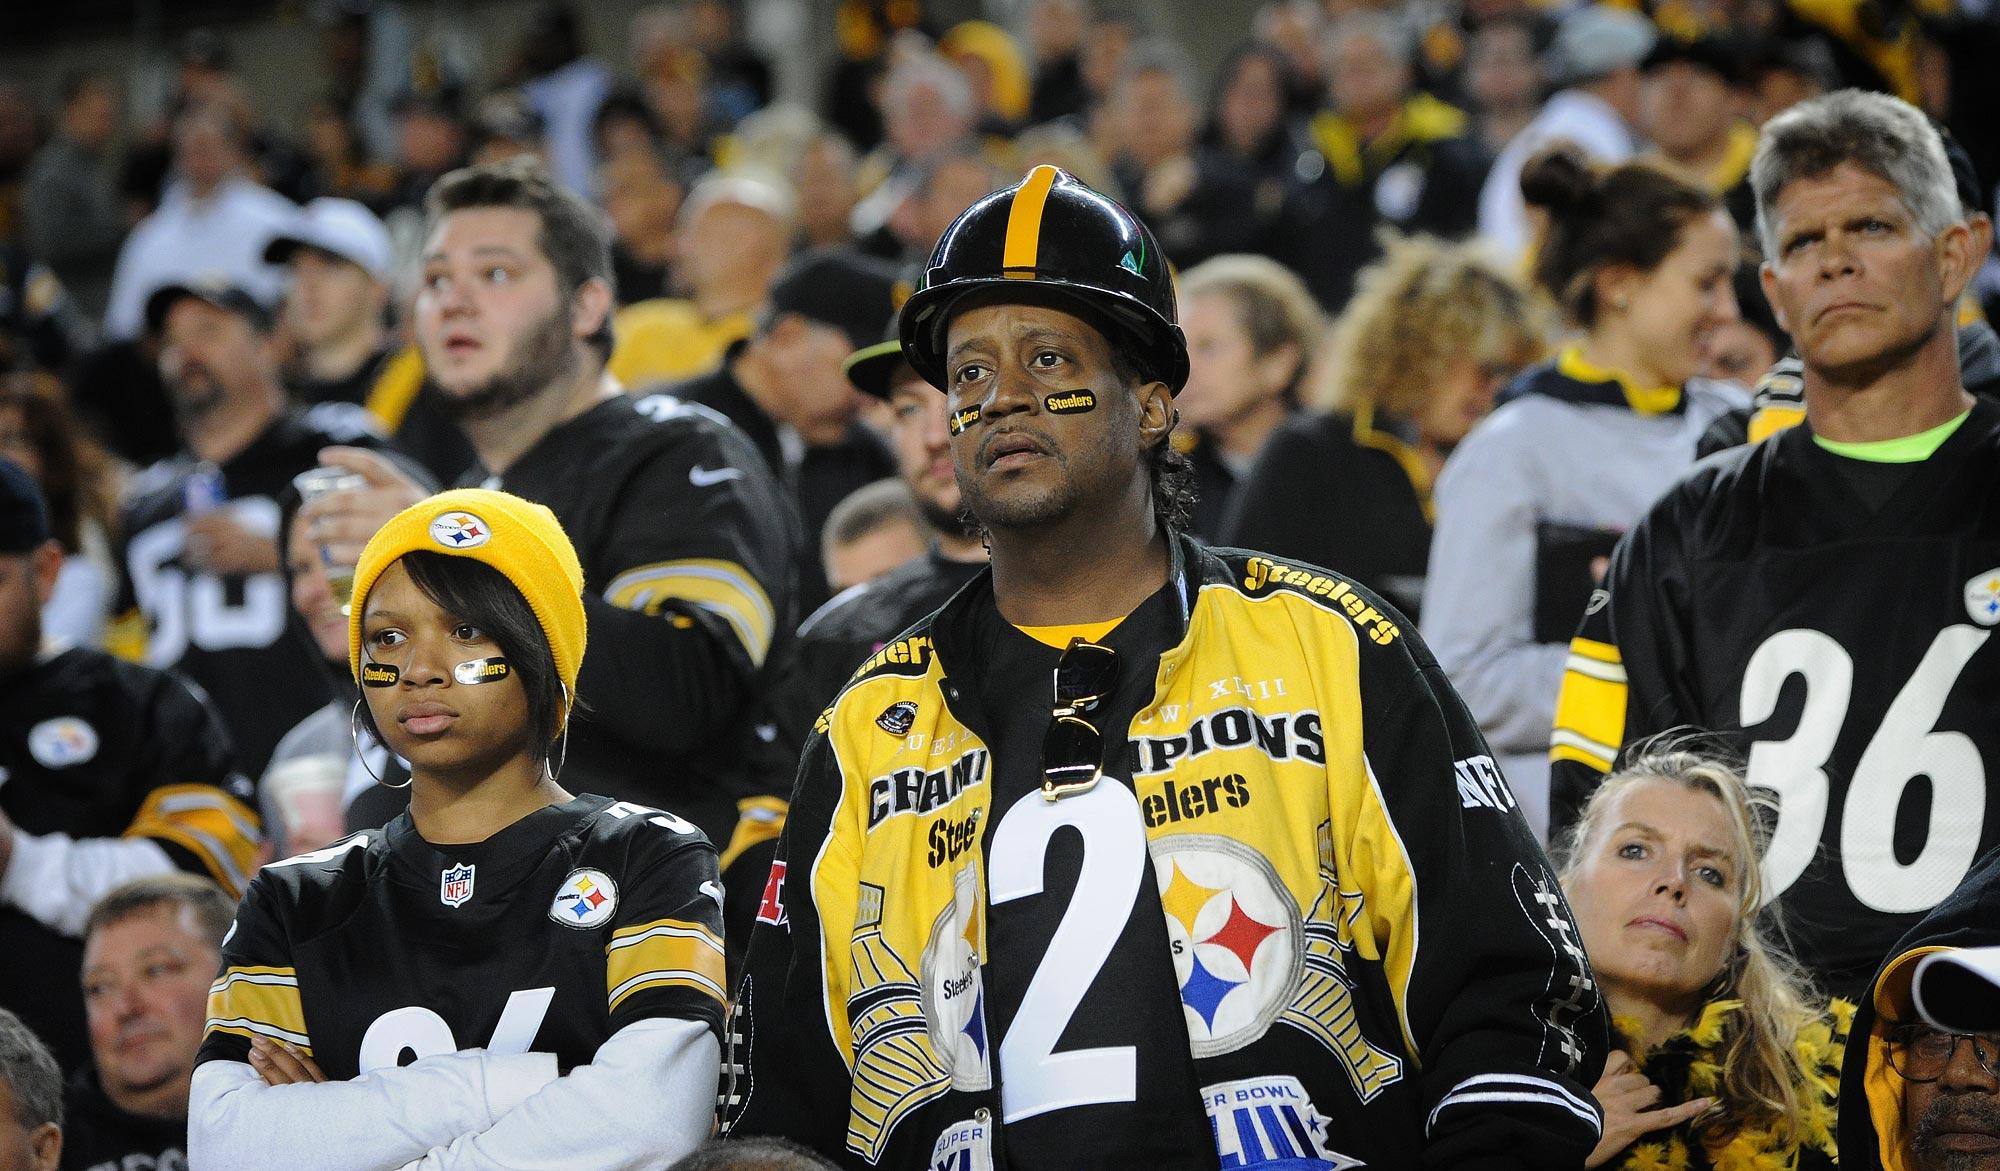 SteelersRavens003.jpg